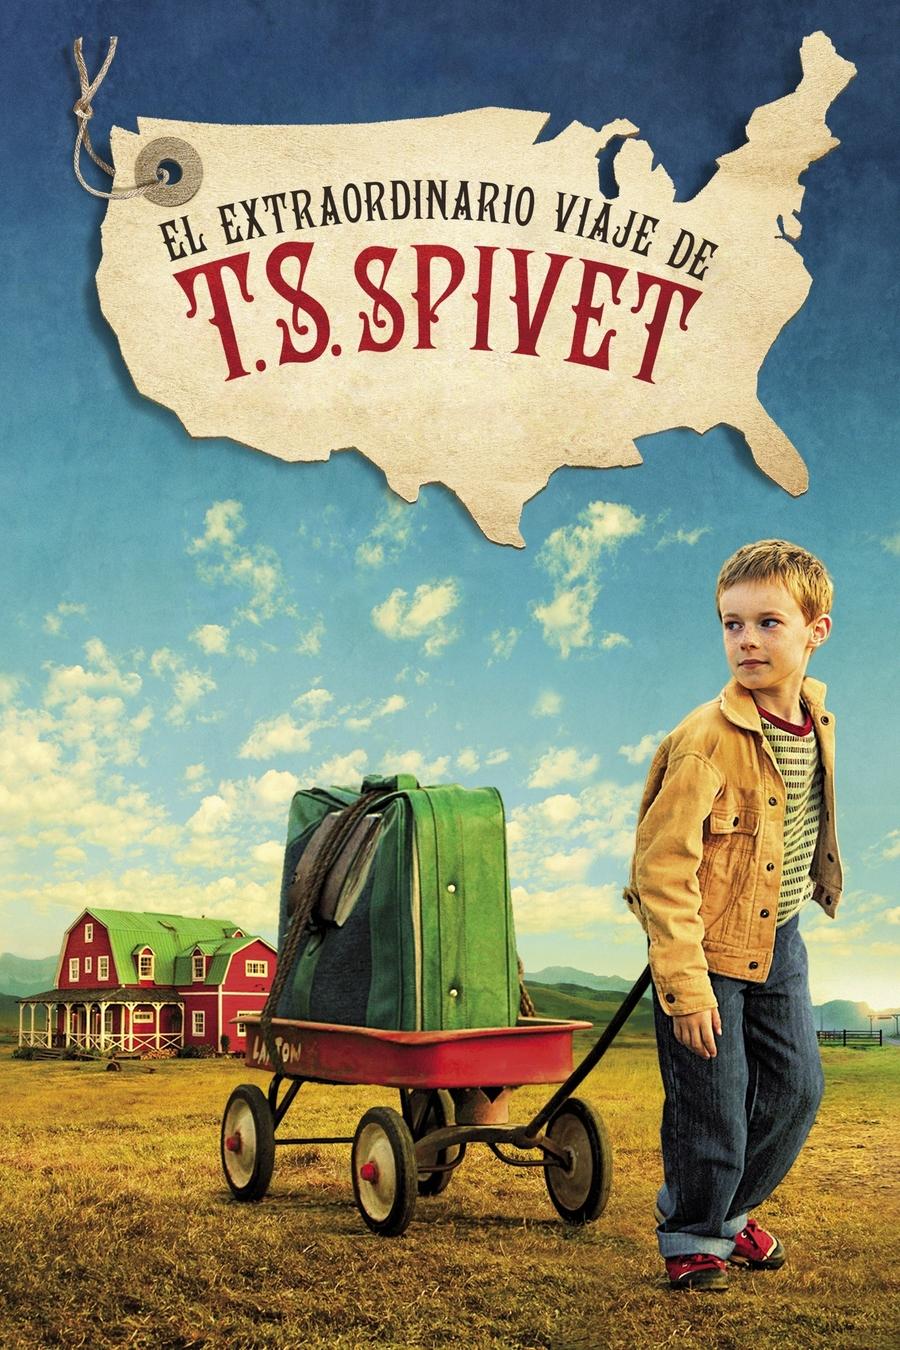 L'extraordinari viatge de T. S. Spivet